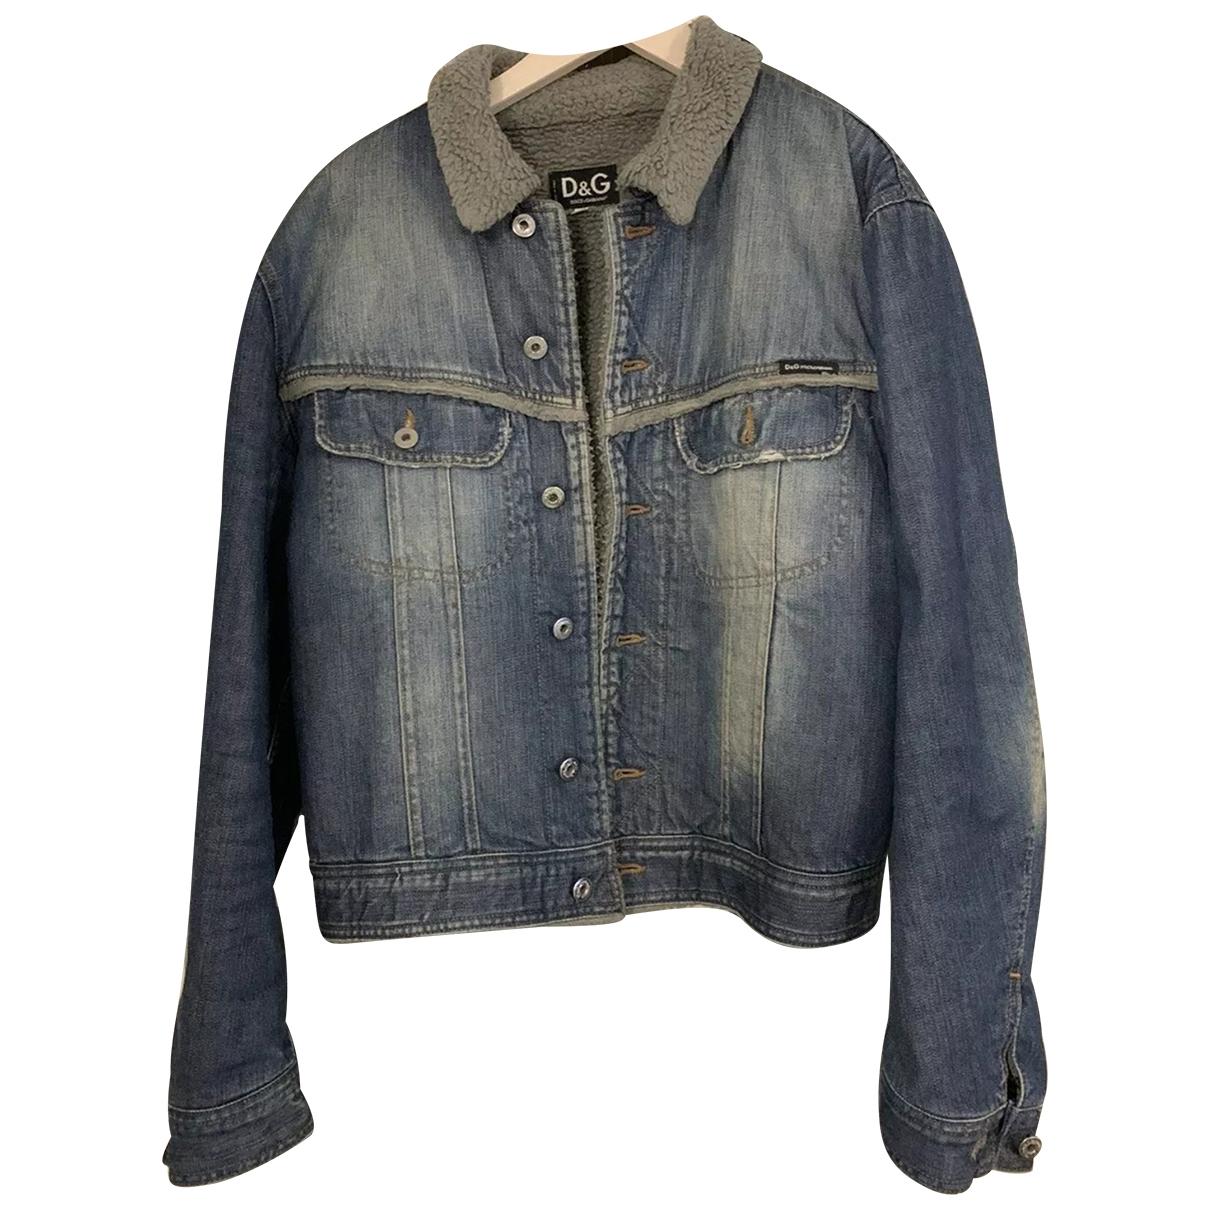 D&g \N Blue Denim - Jeans jacket  for Men L International